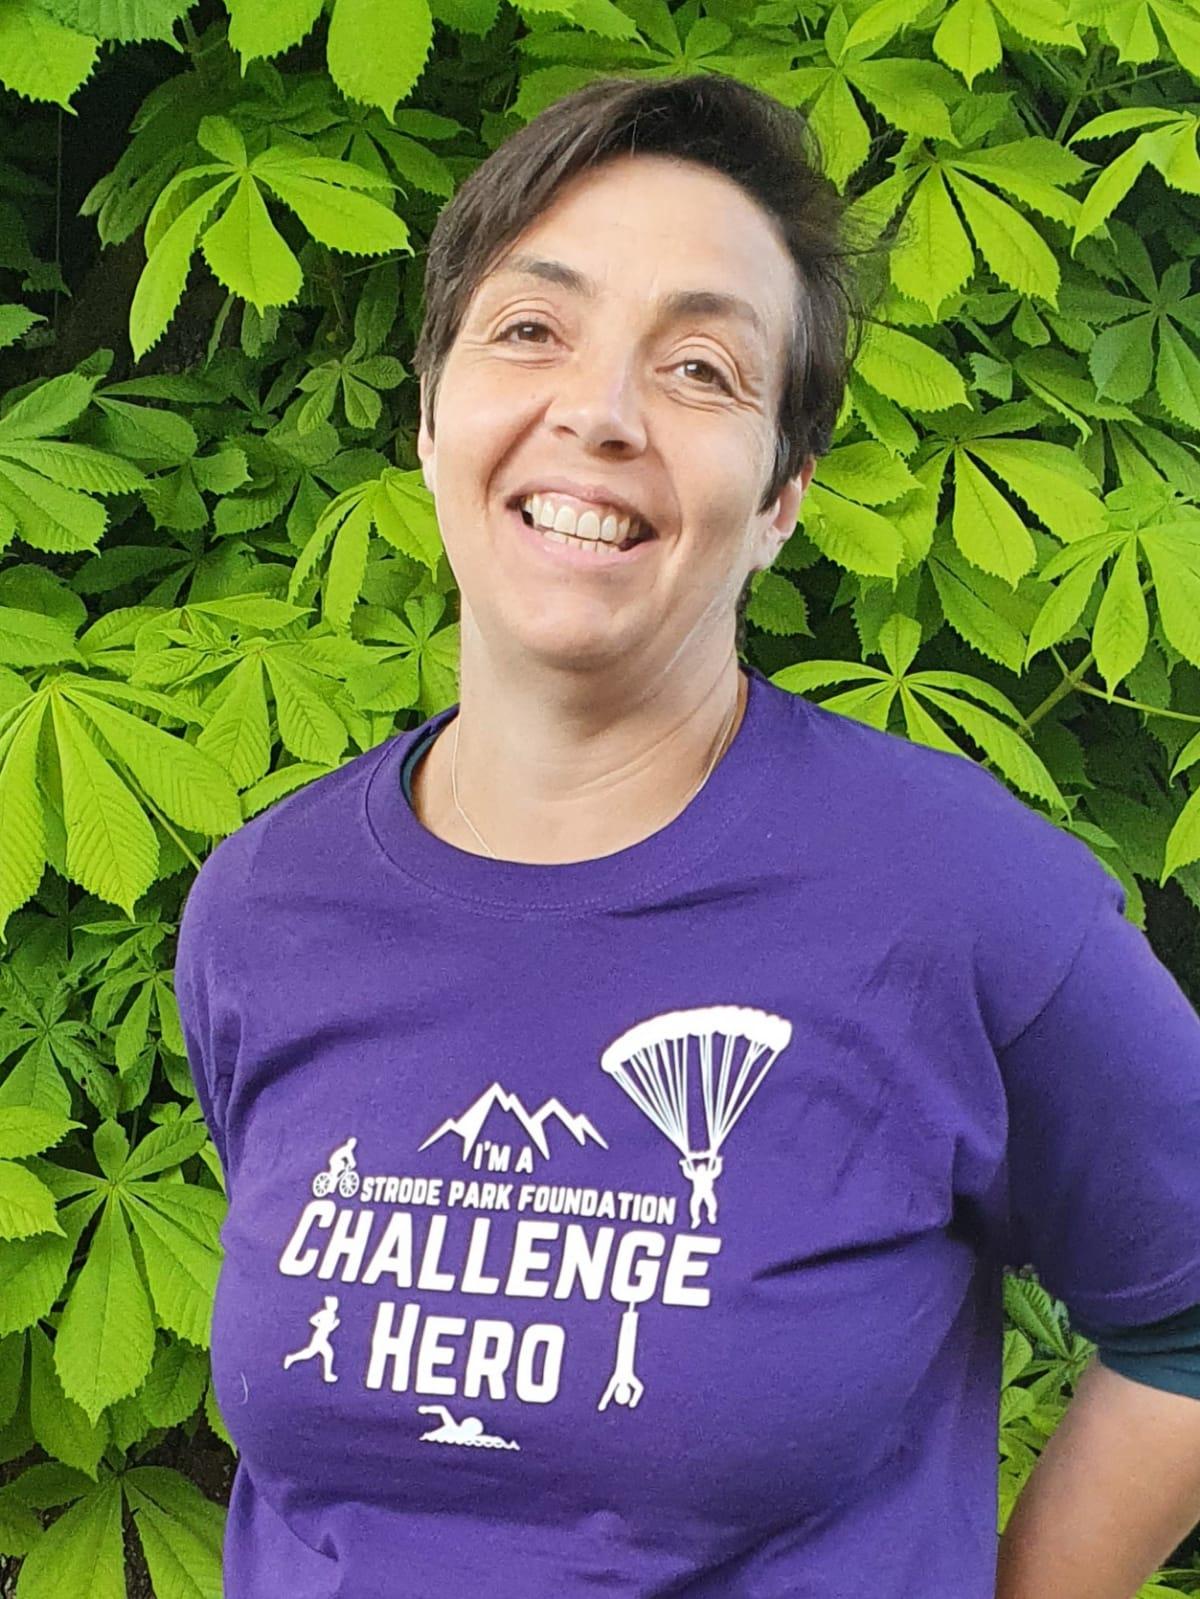 Fiona in her Strode Challenge Hero t-shirt